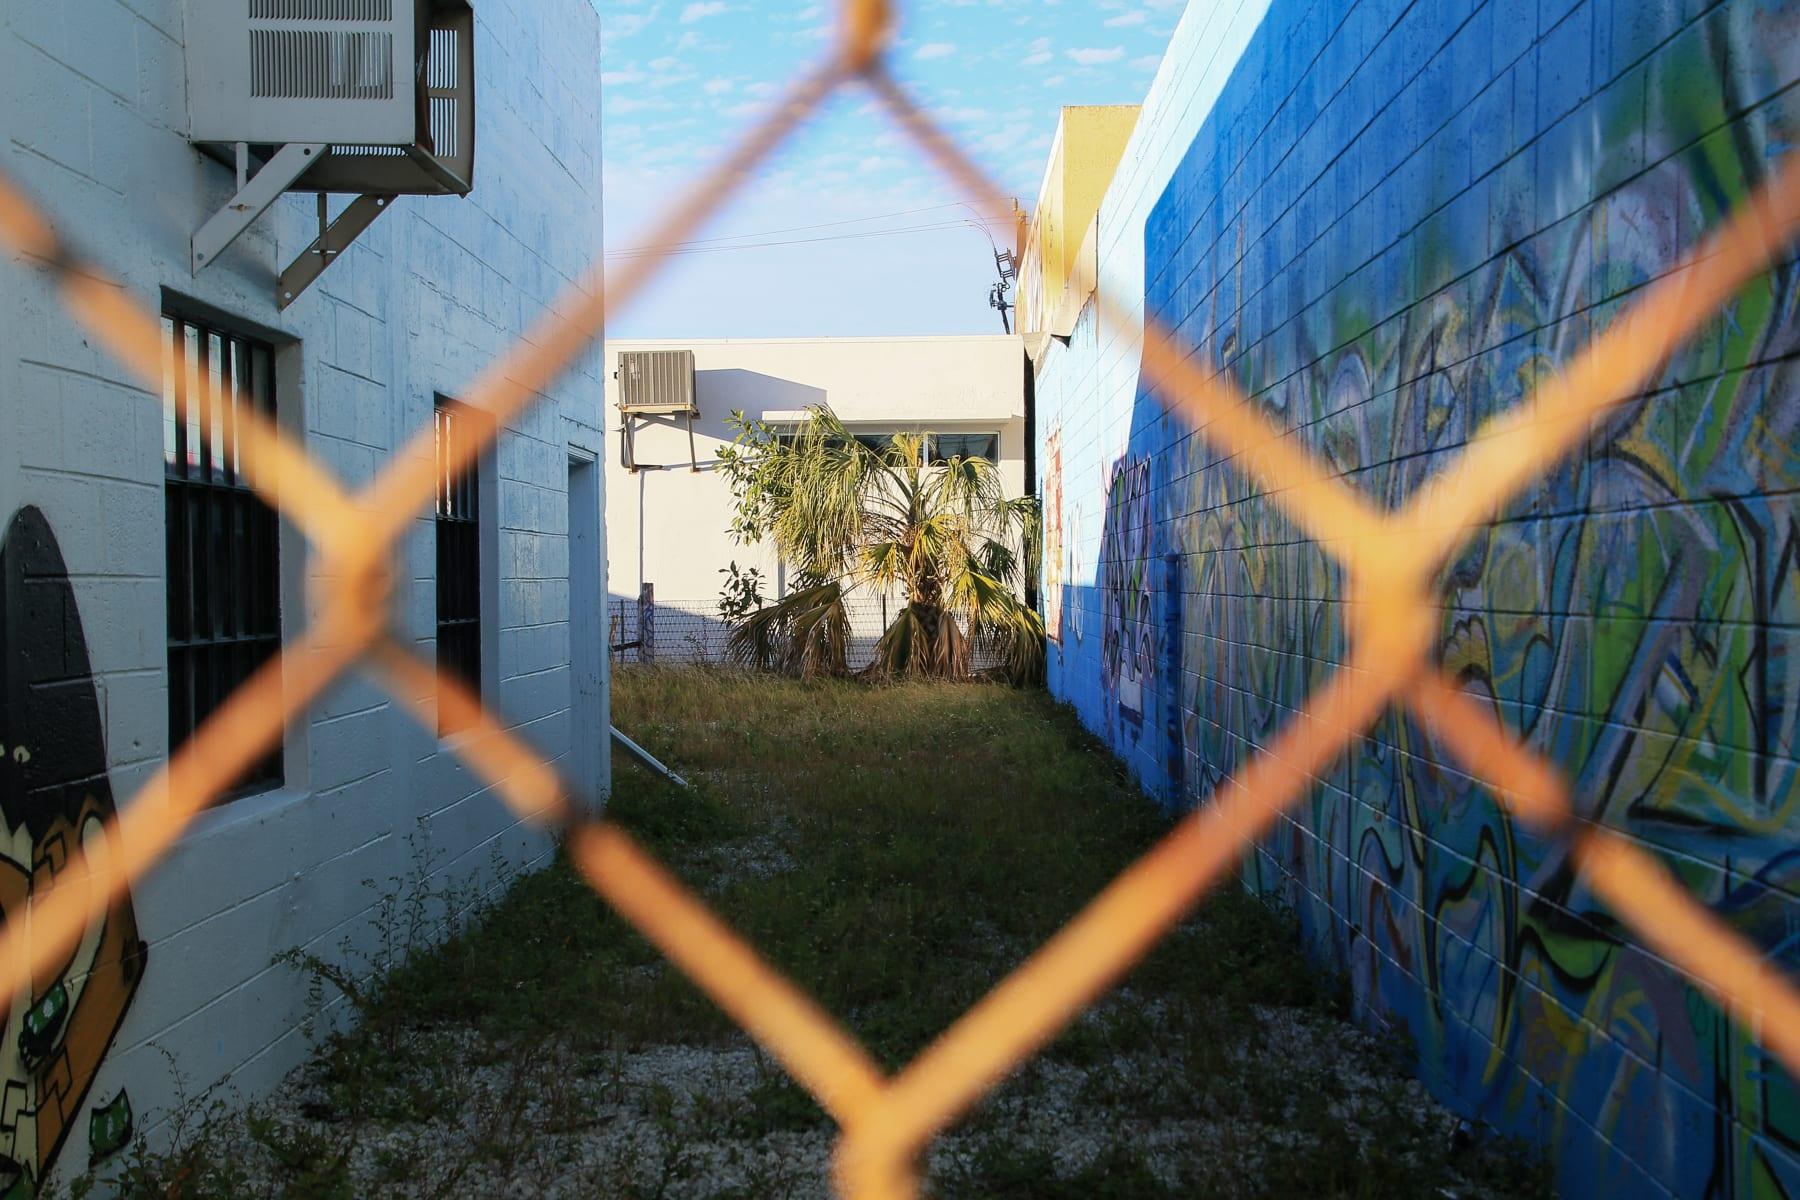 15-FL-journey-miami-wynwoodwalls26.jpg